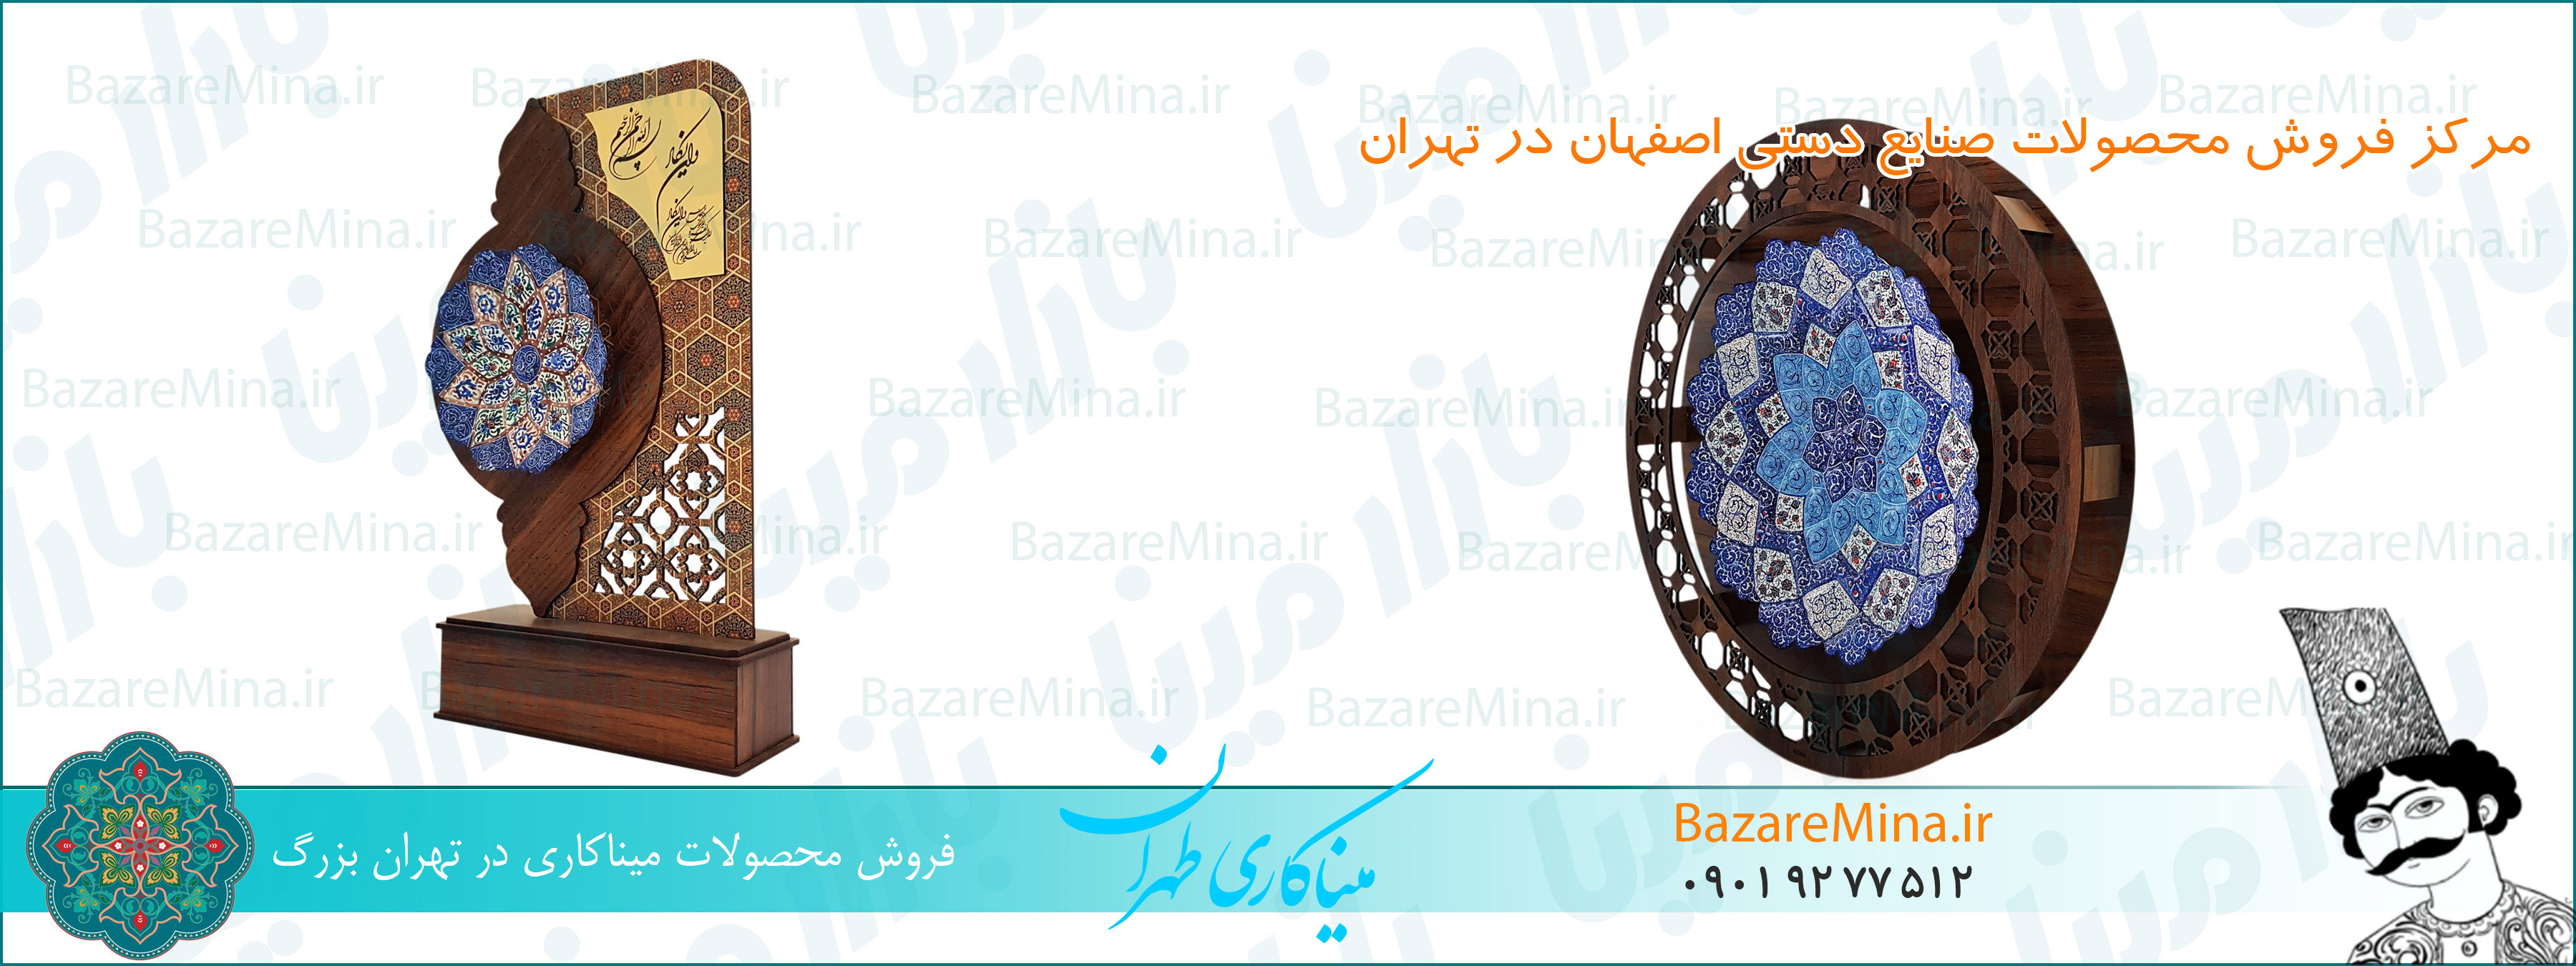 خرید ظروف میناکاری در تهران